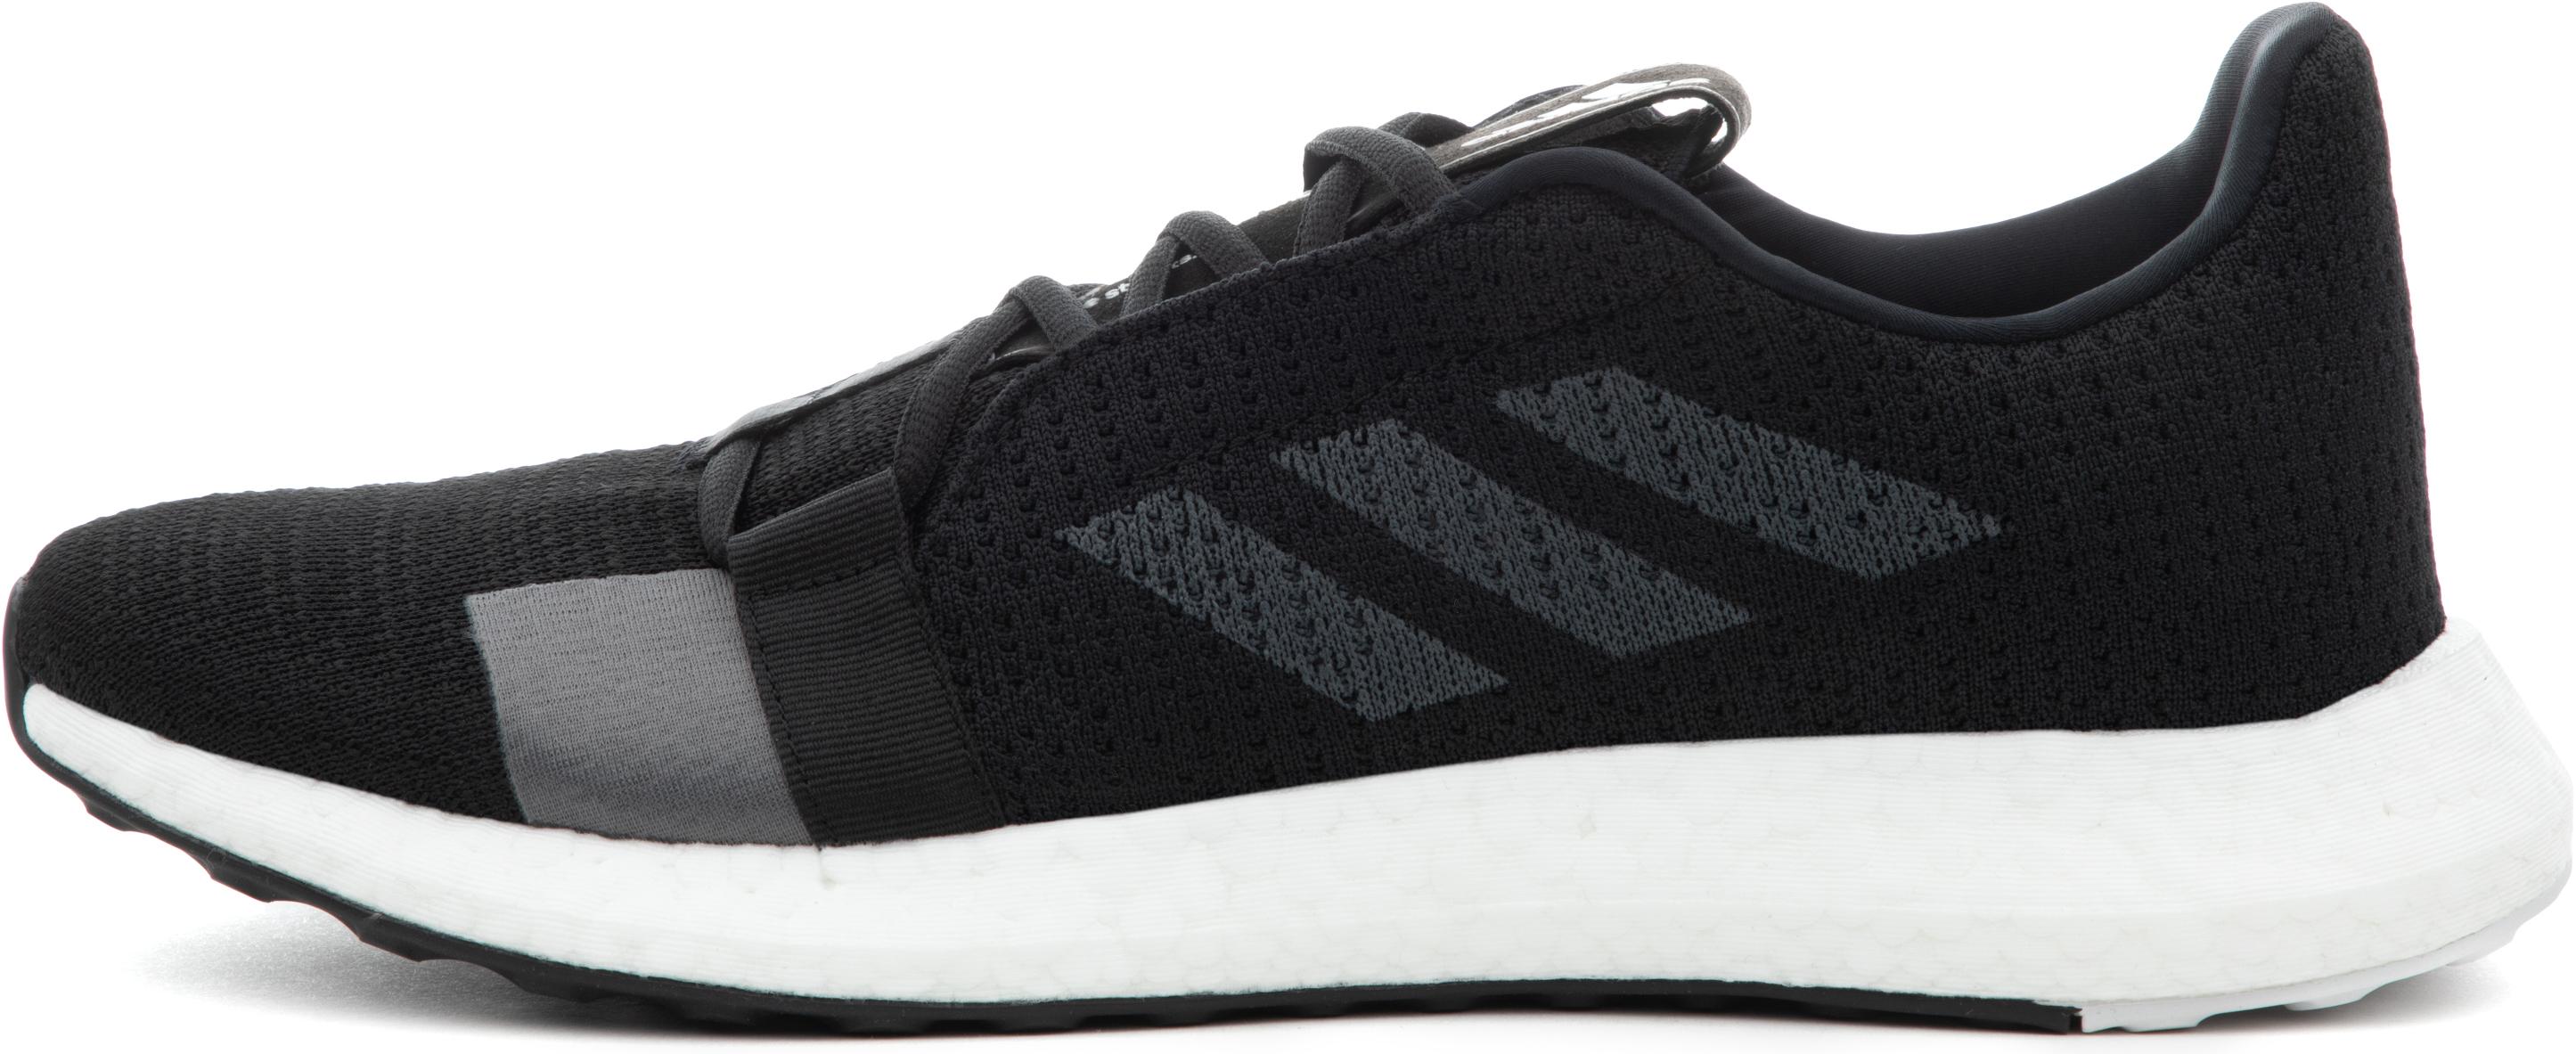 Adidas Кроссовки мужские для бега Adidas SenseBOOST GO, размер 46 цена